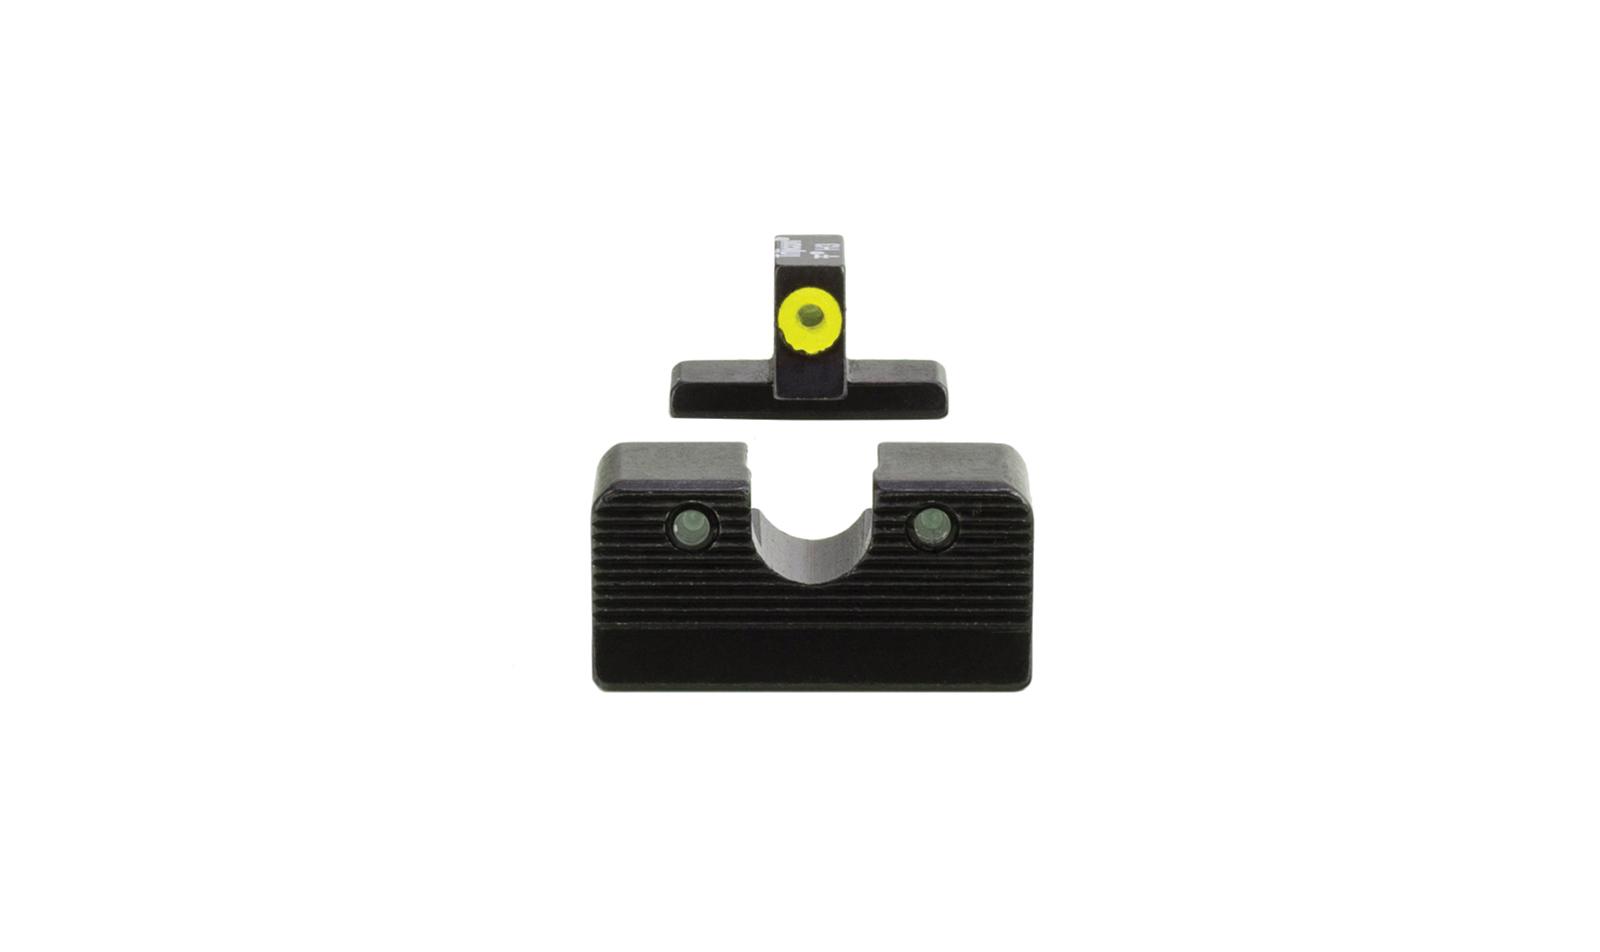 SG601-C-600865 angle 4